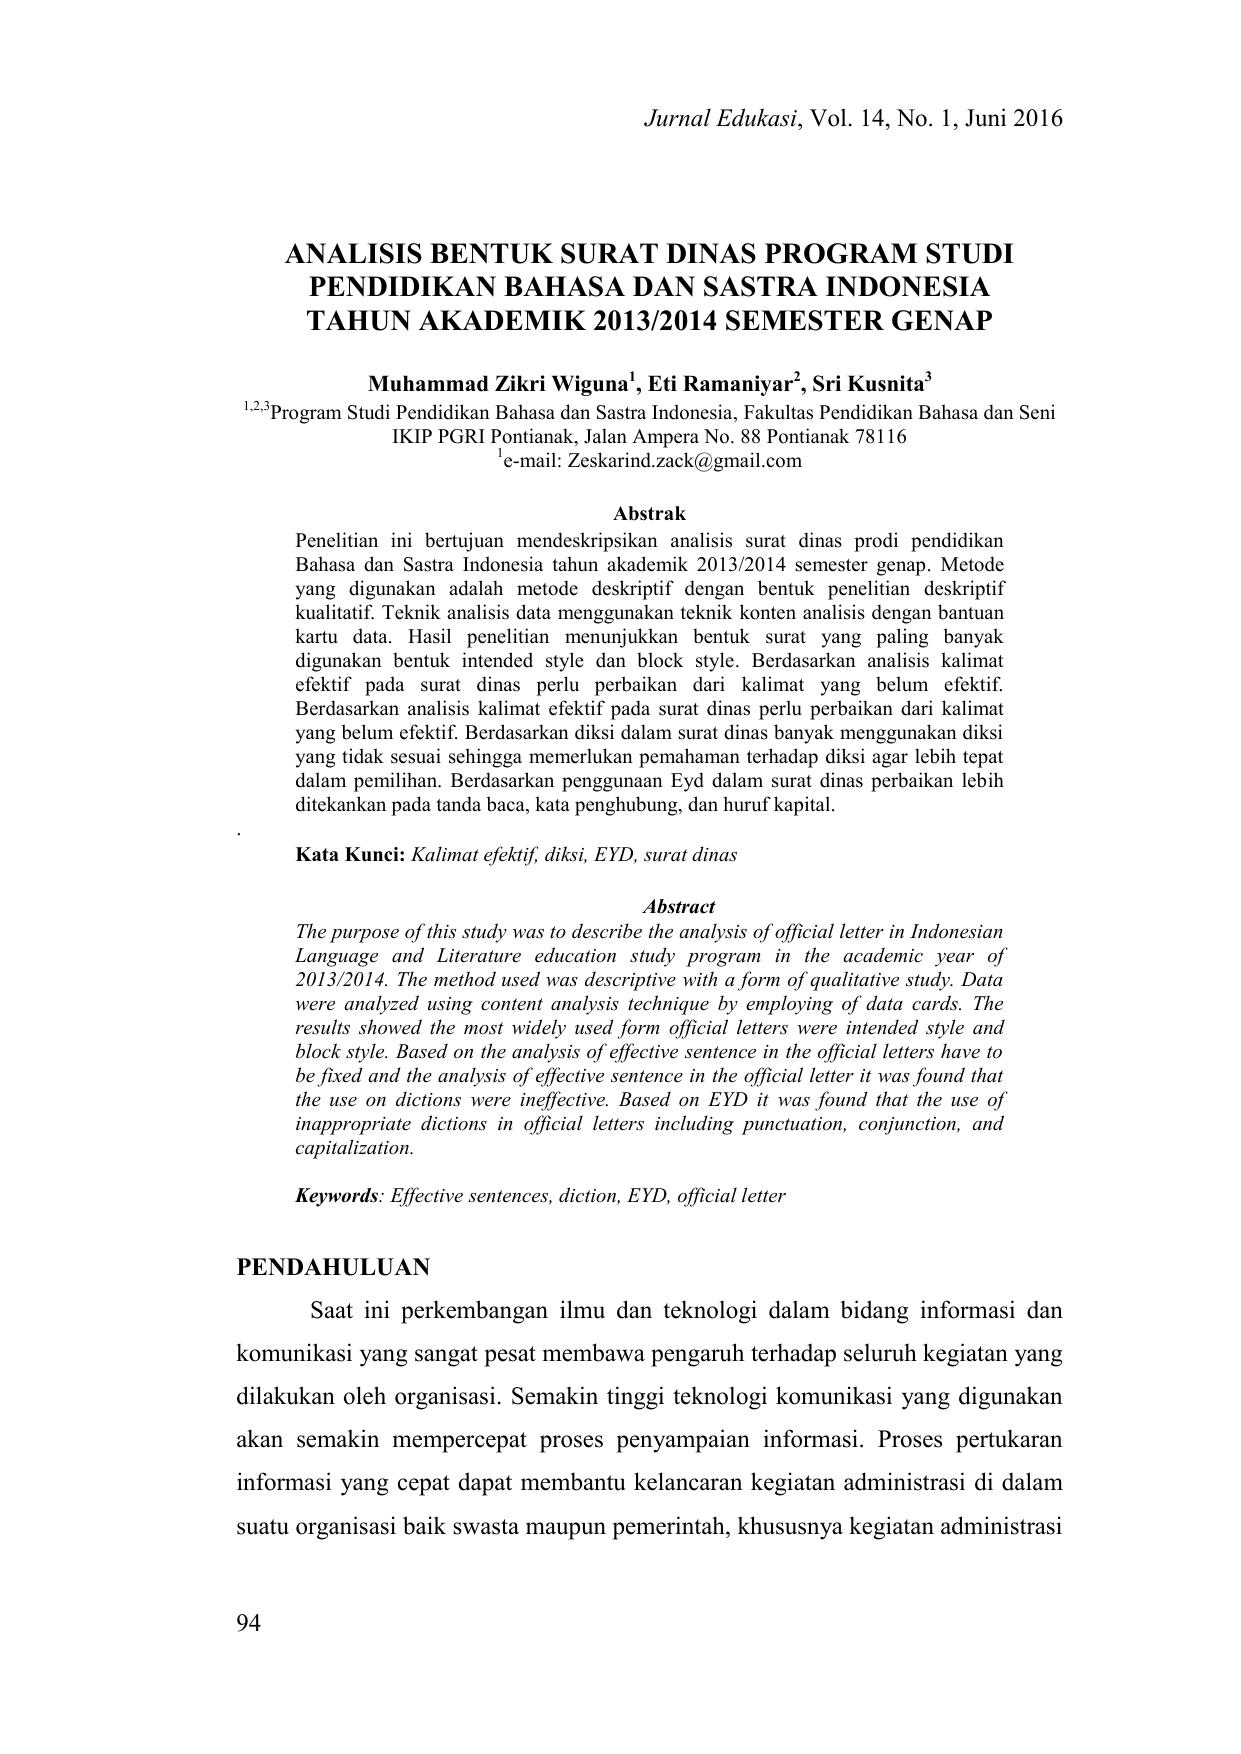 Analisis Bentuk Surat Dinas Program Studi Pendidikan Bahasa Dan